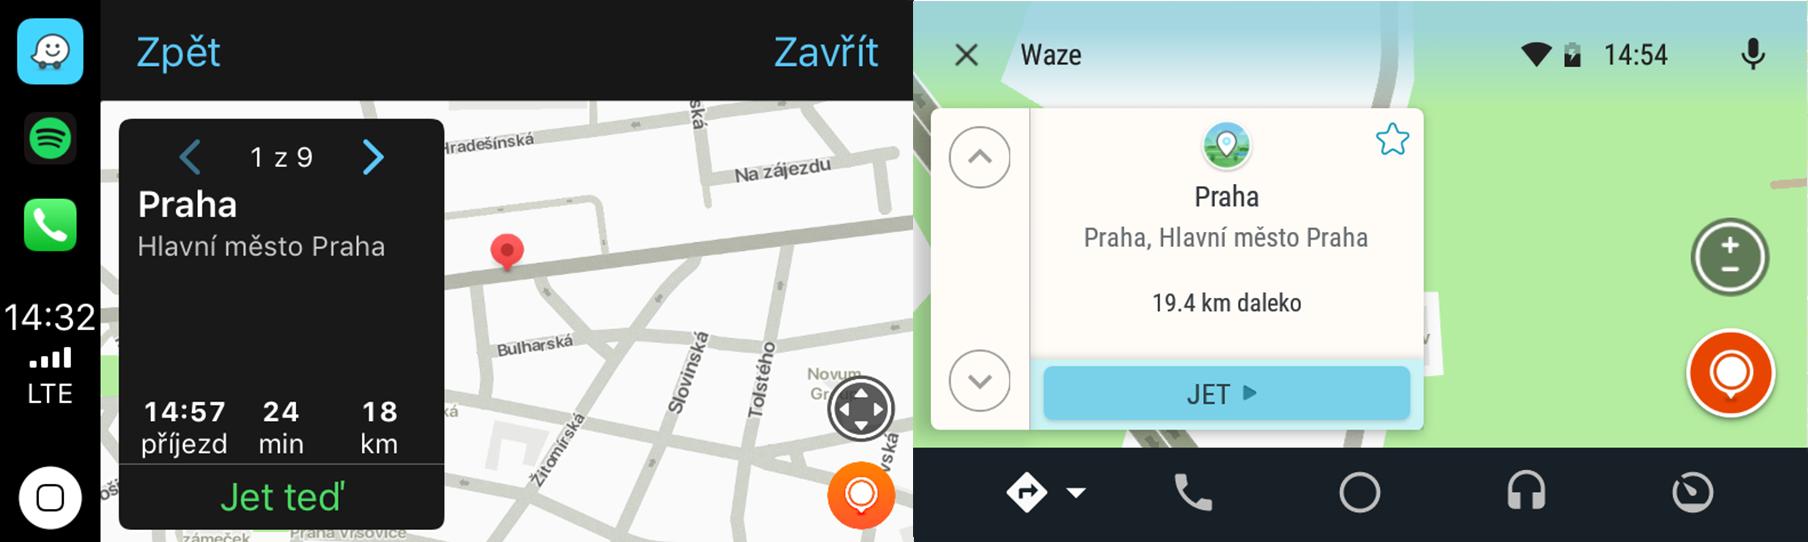 Waze - navigace